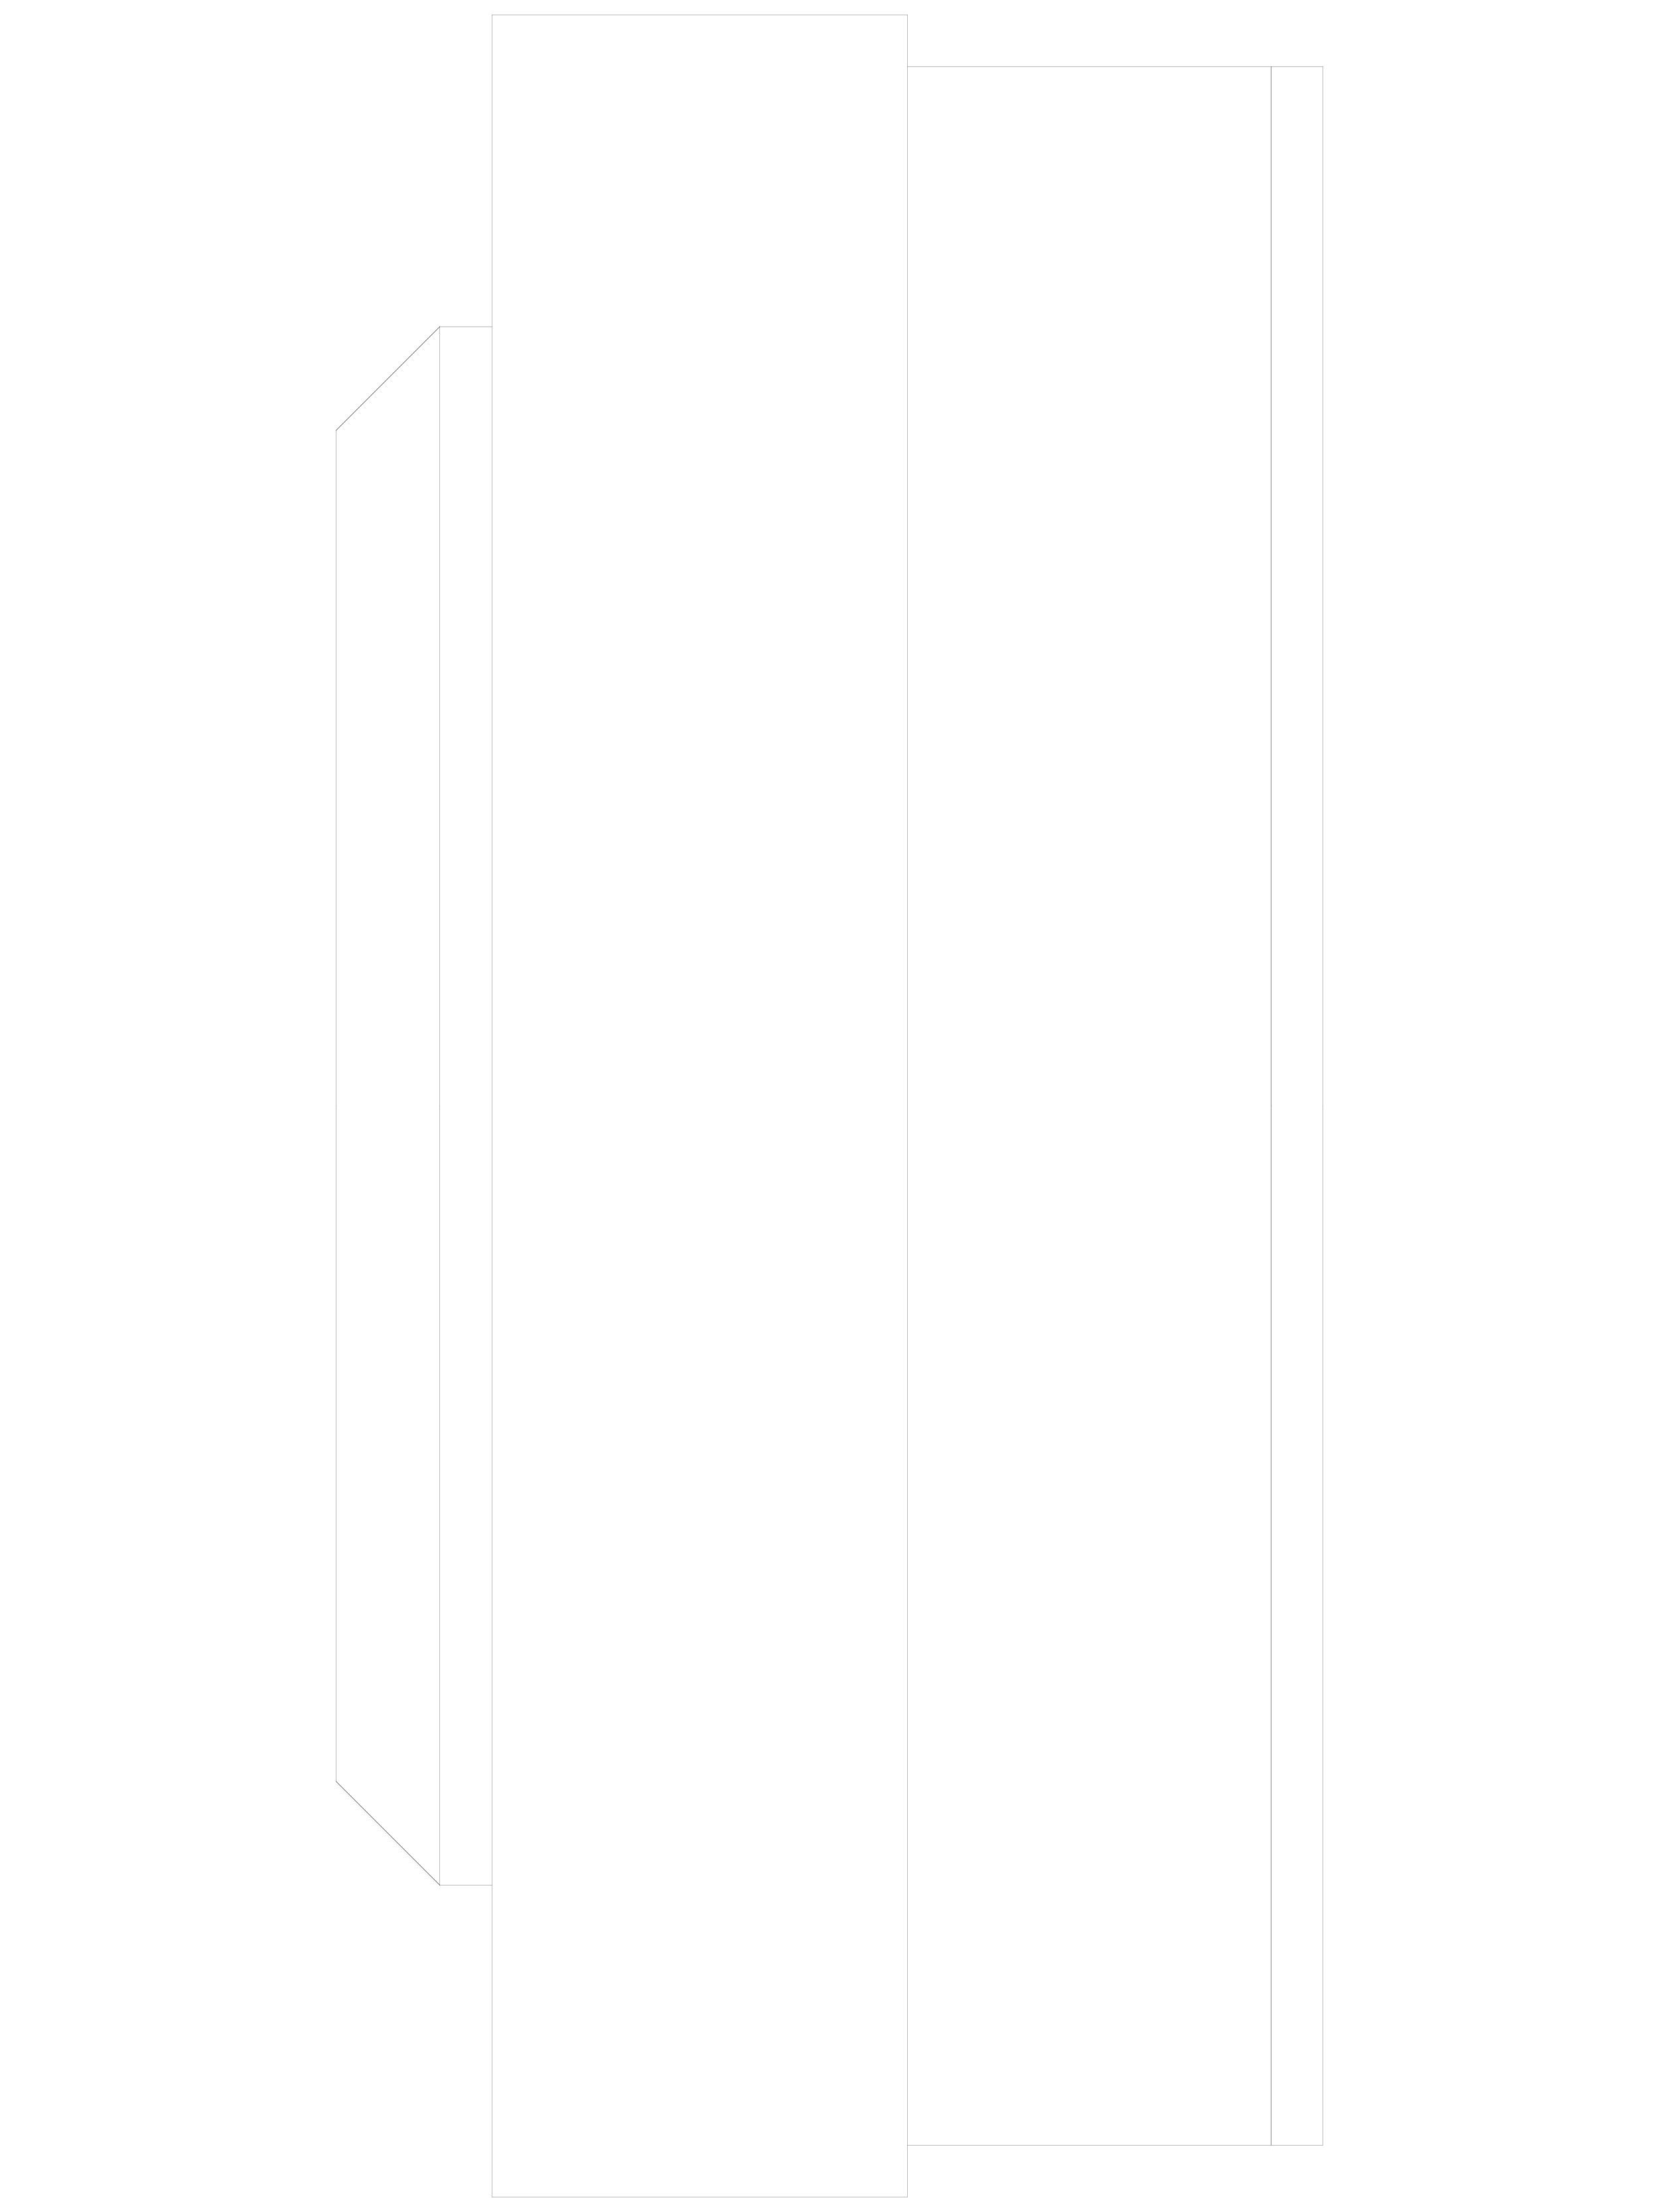 conector pentru sticla 02 28 20 c conectori sadev decor sisteme complexe de fixare a sticlei. Black Bedroom Furniture Sets. Home Design Ideas